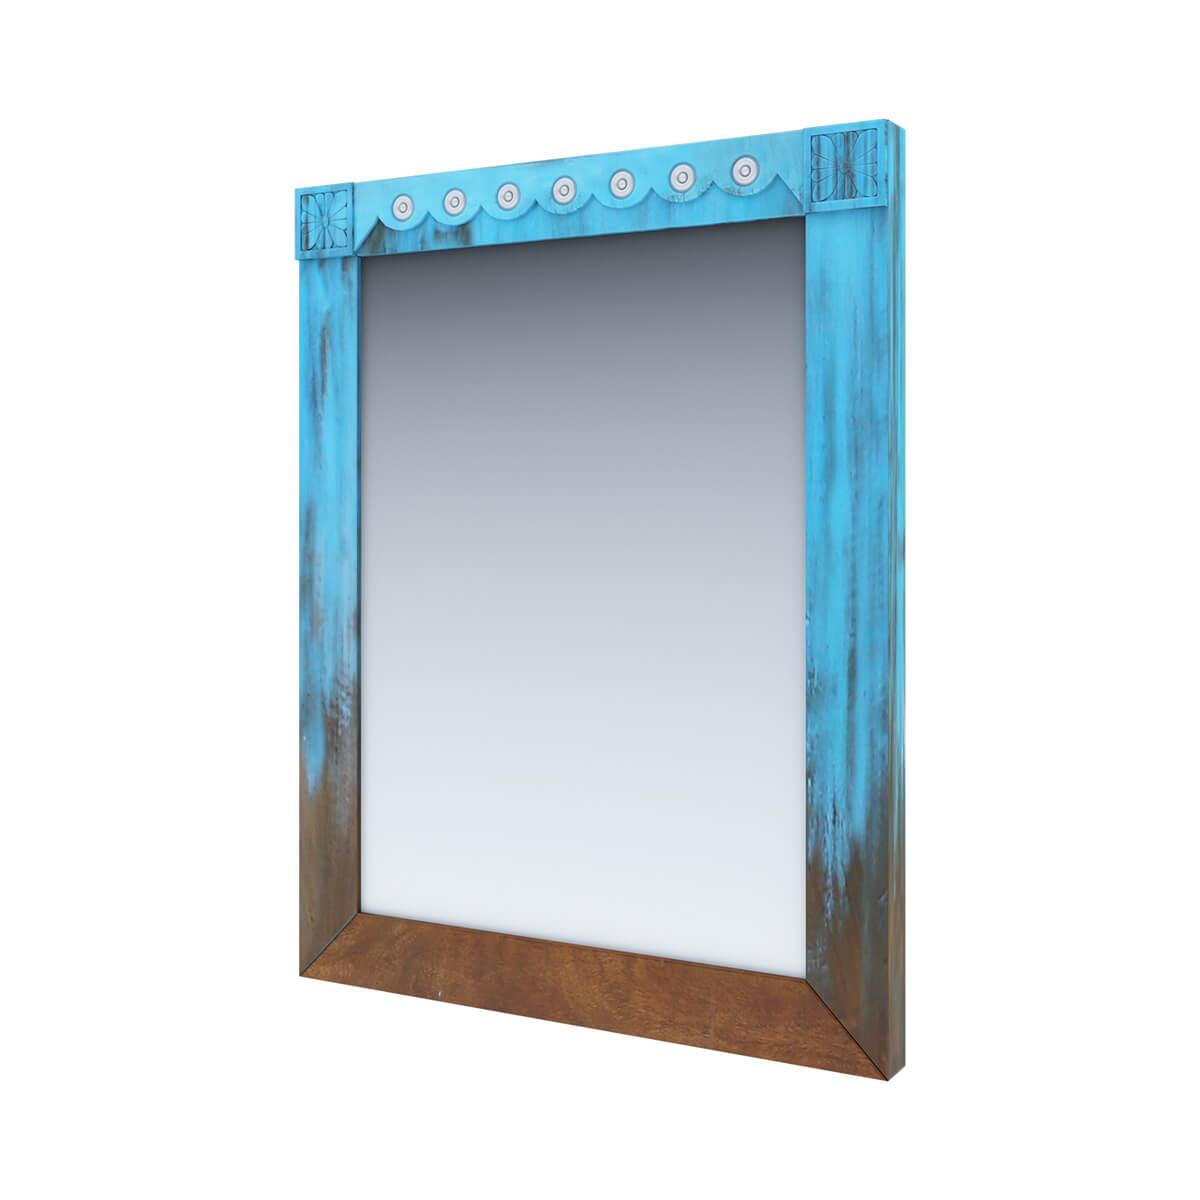 Empire Blue Dawn Rustic Solid Mango Wood Mirror Frame